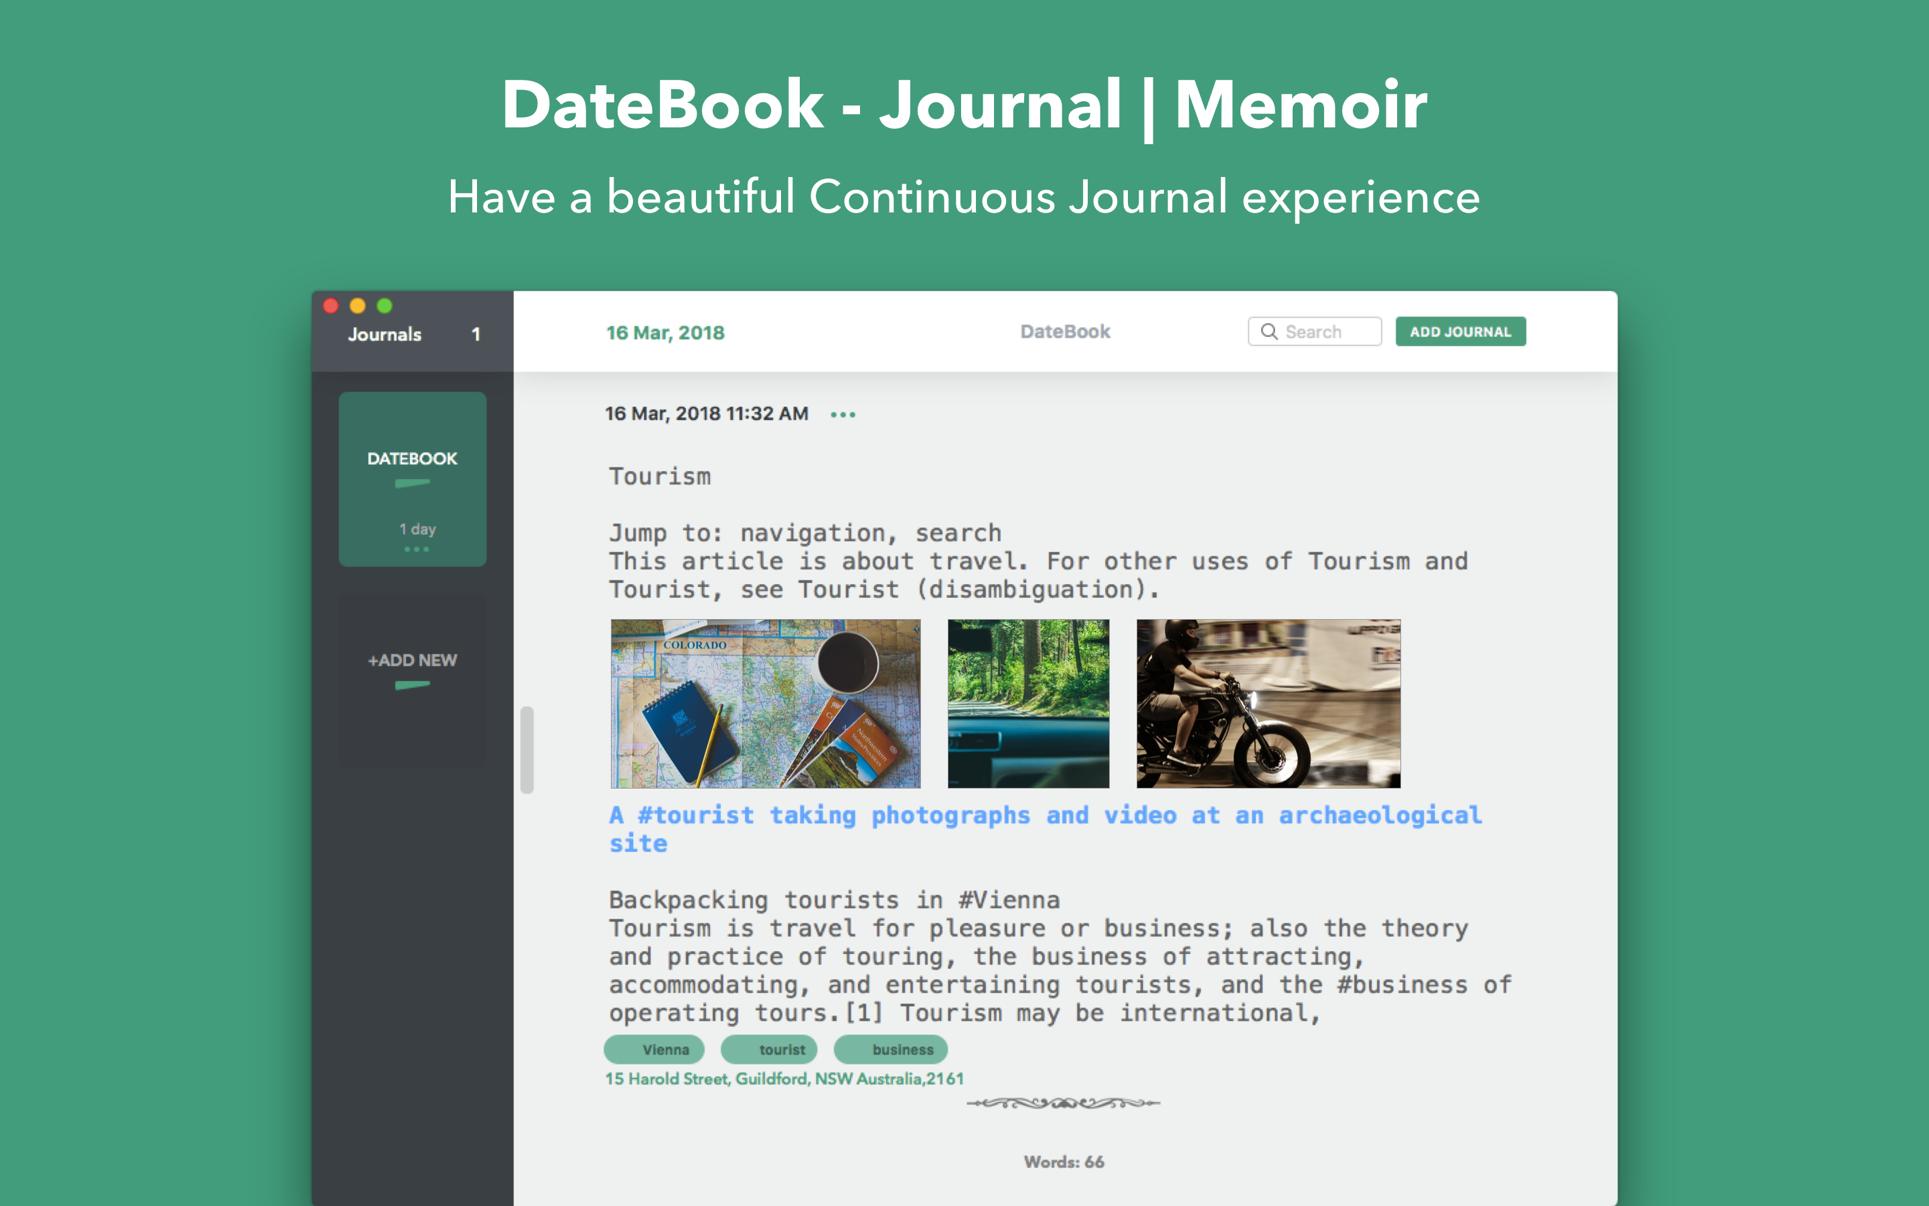 DateBook - Journal   Memoir